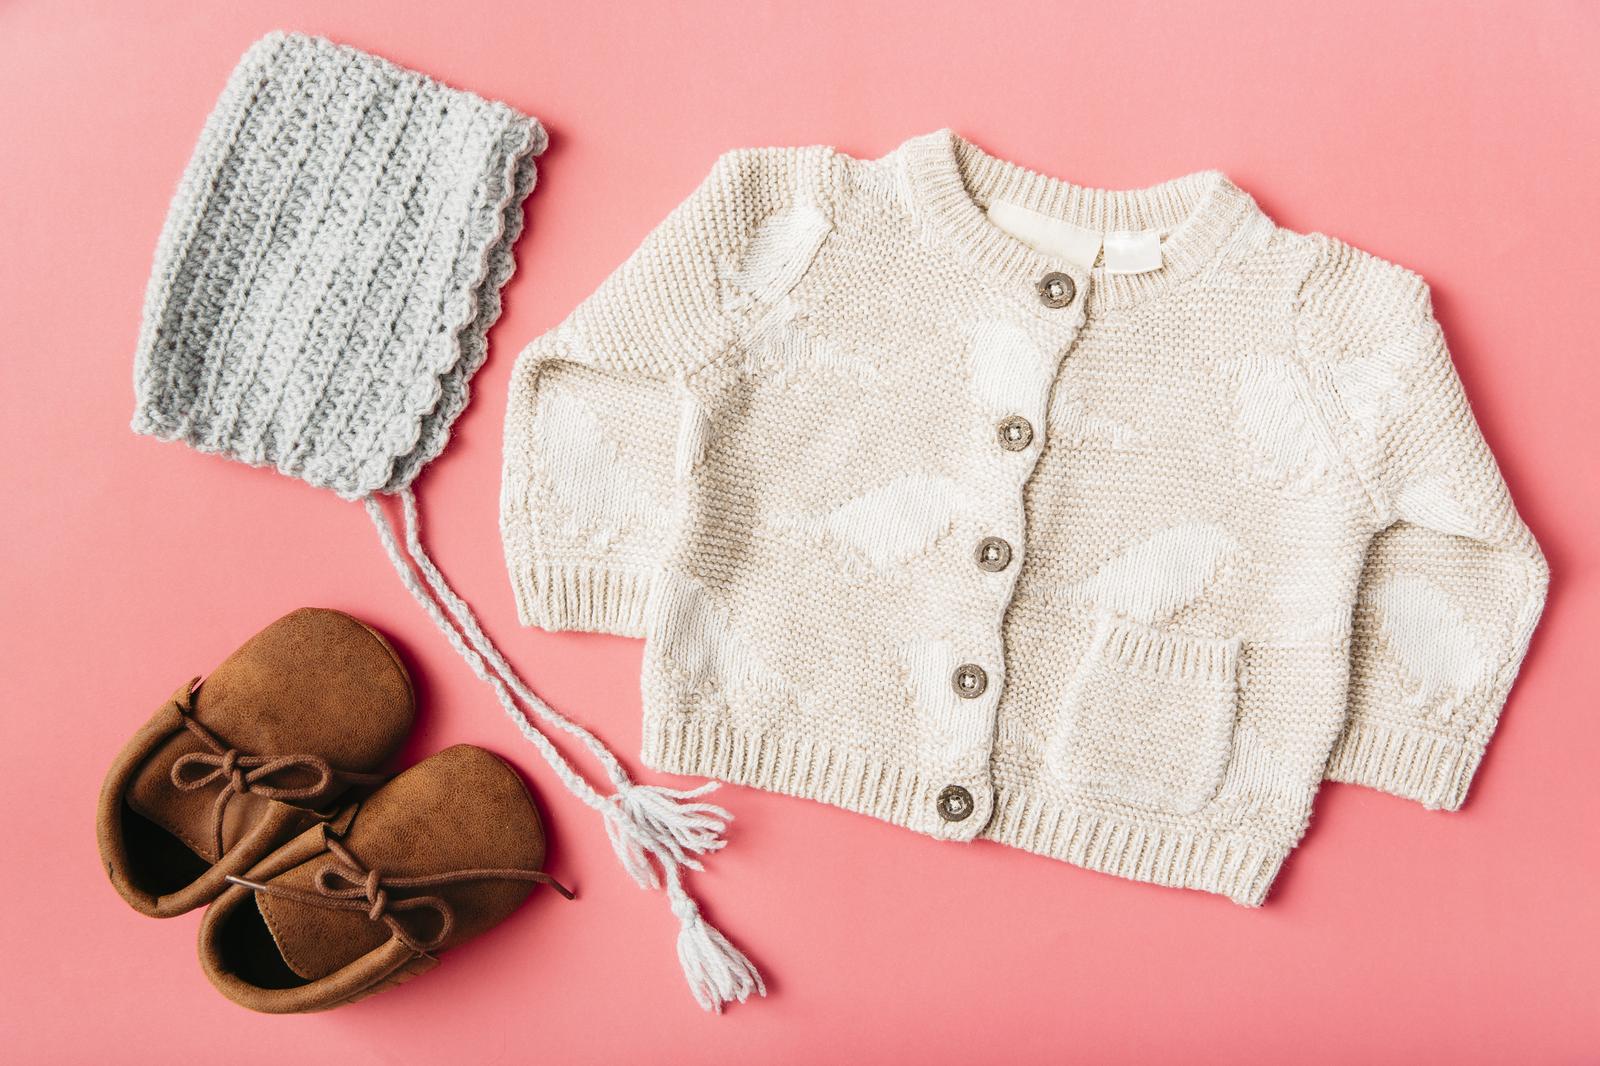 Tekstiili, rõivaste jaemüük Hiiumaal